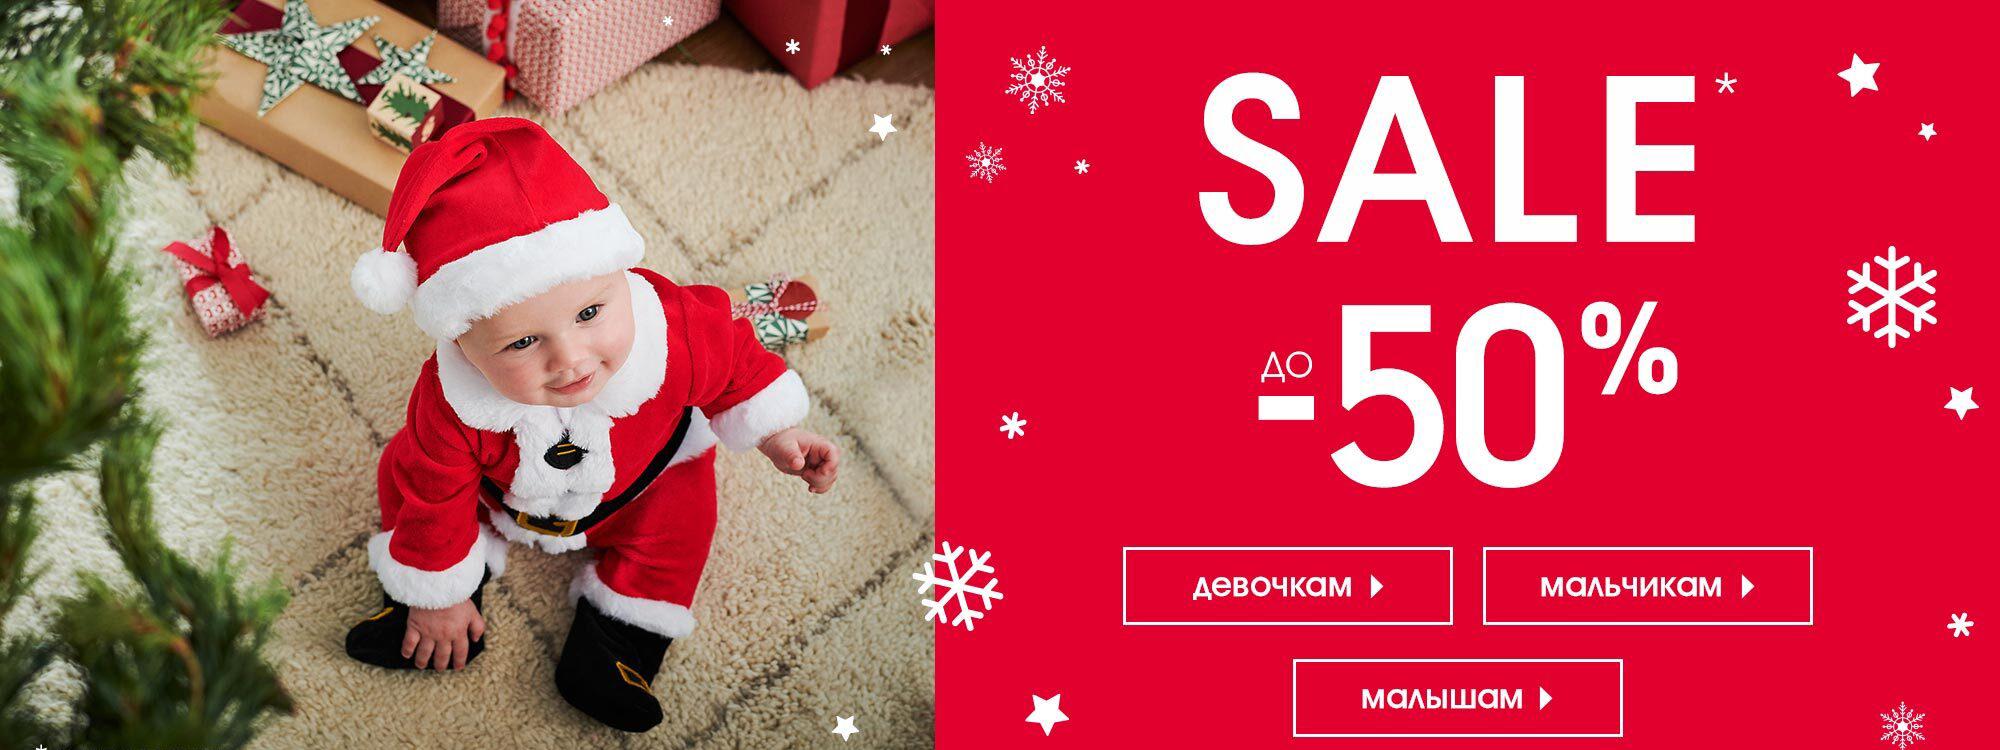 Распродажа детской одежды со скидками до -50%!